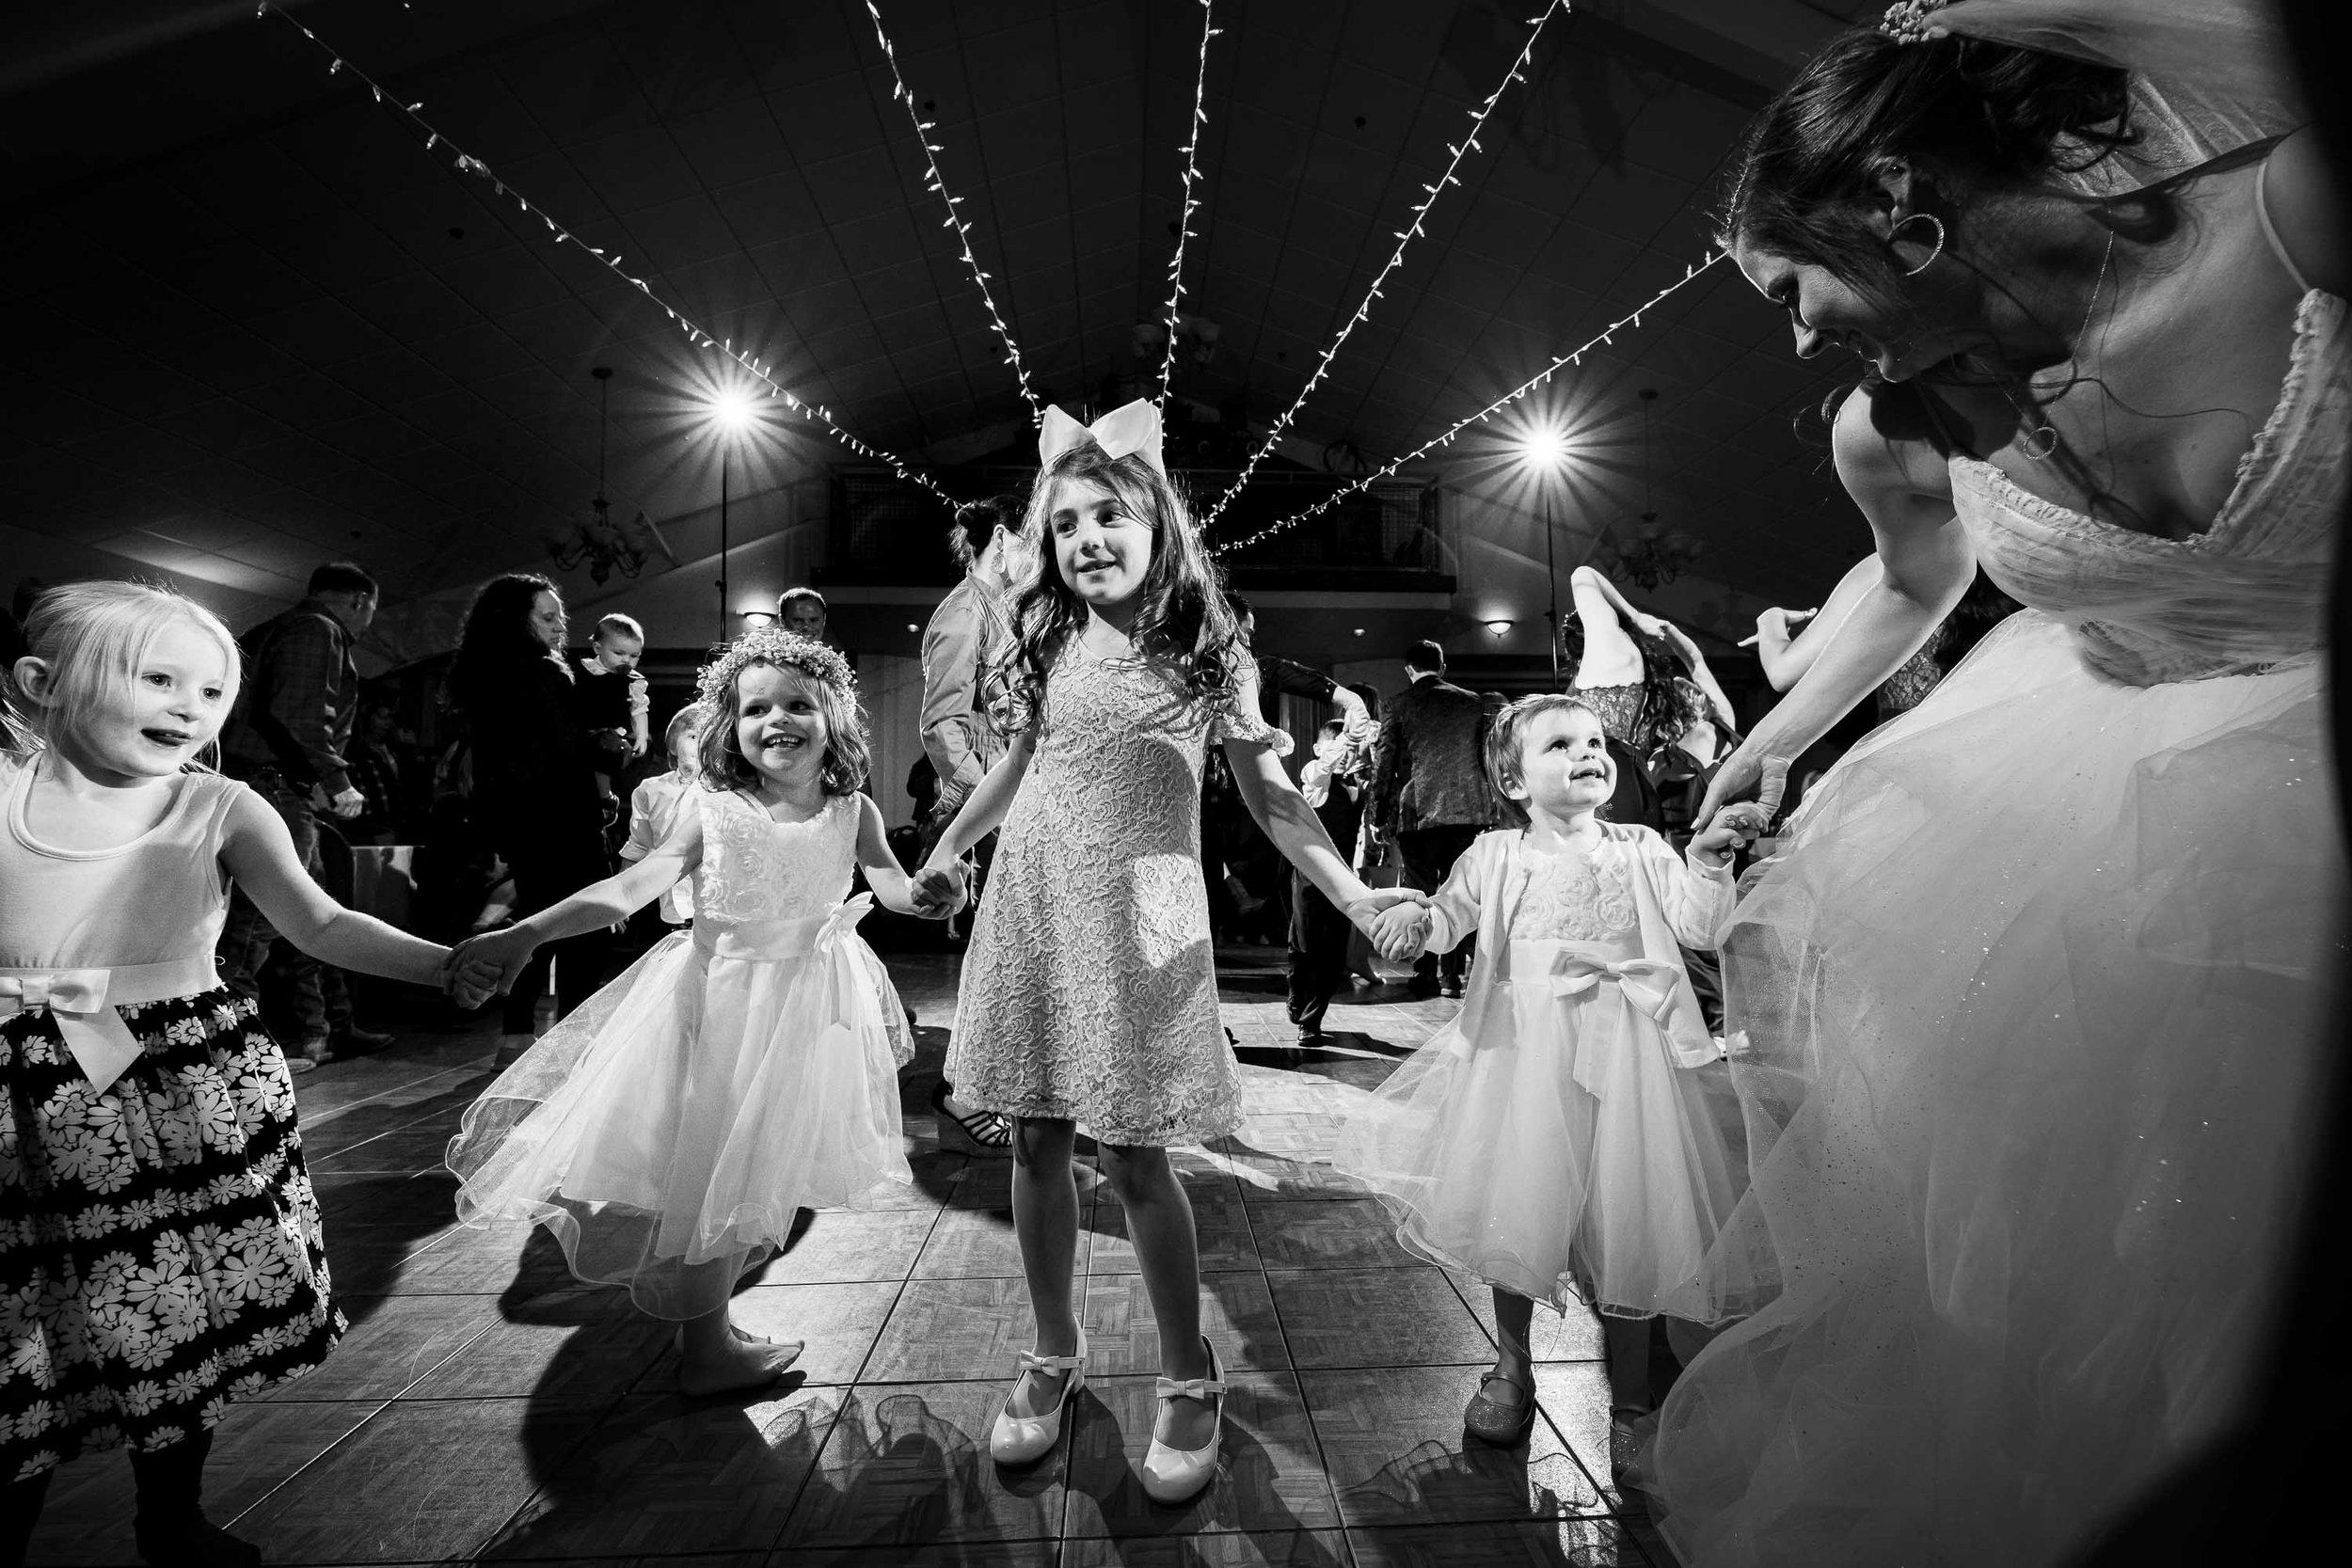 Kelsie_Nick_Ouray_Wedding-219.jpg